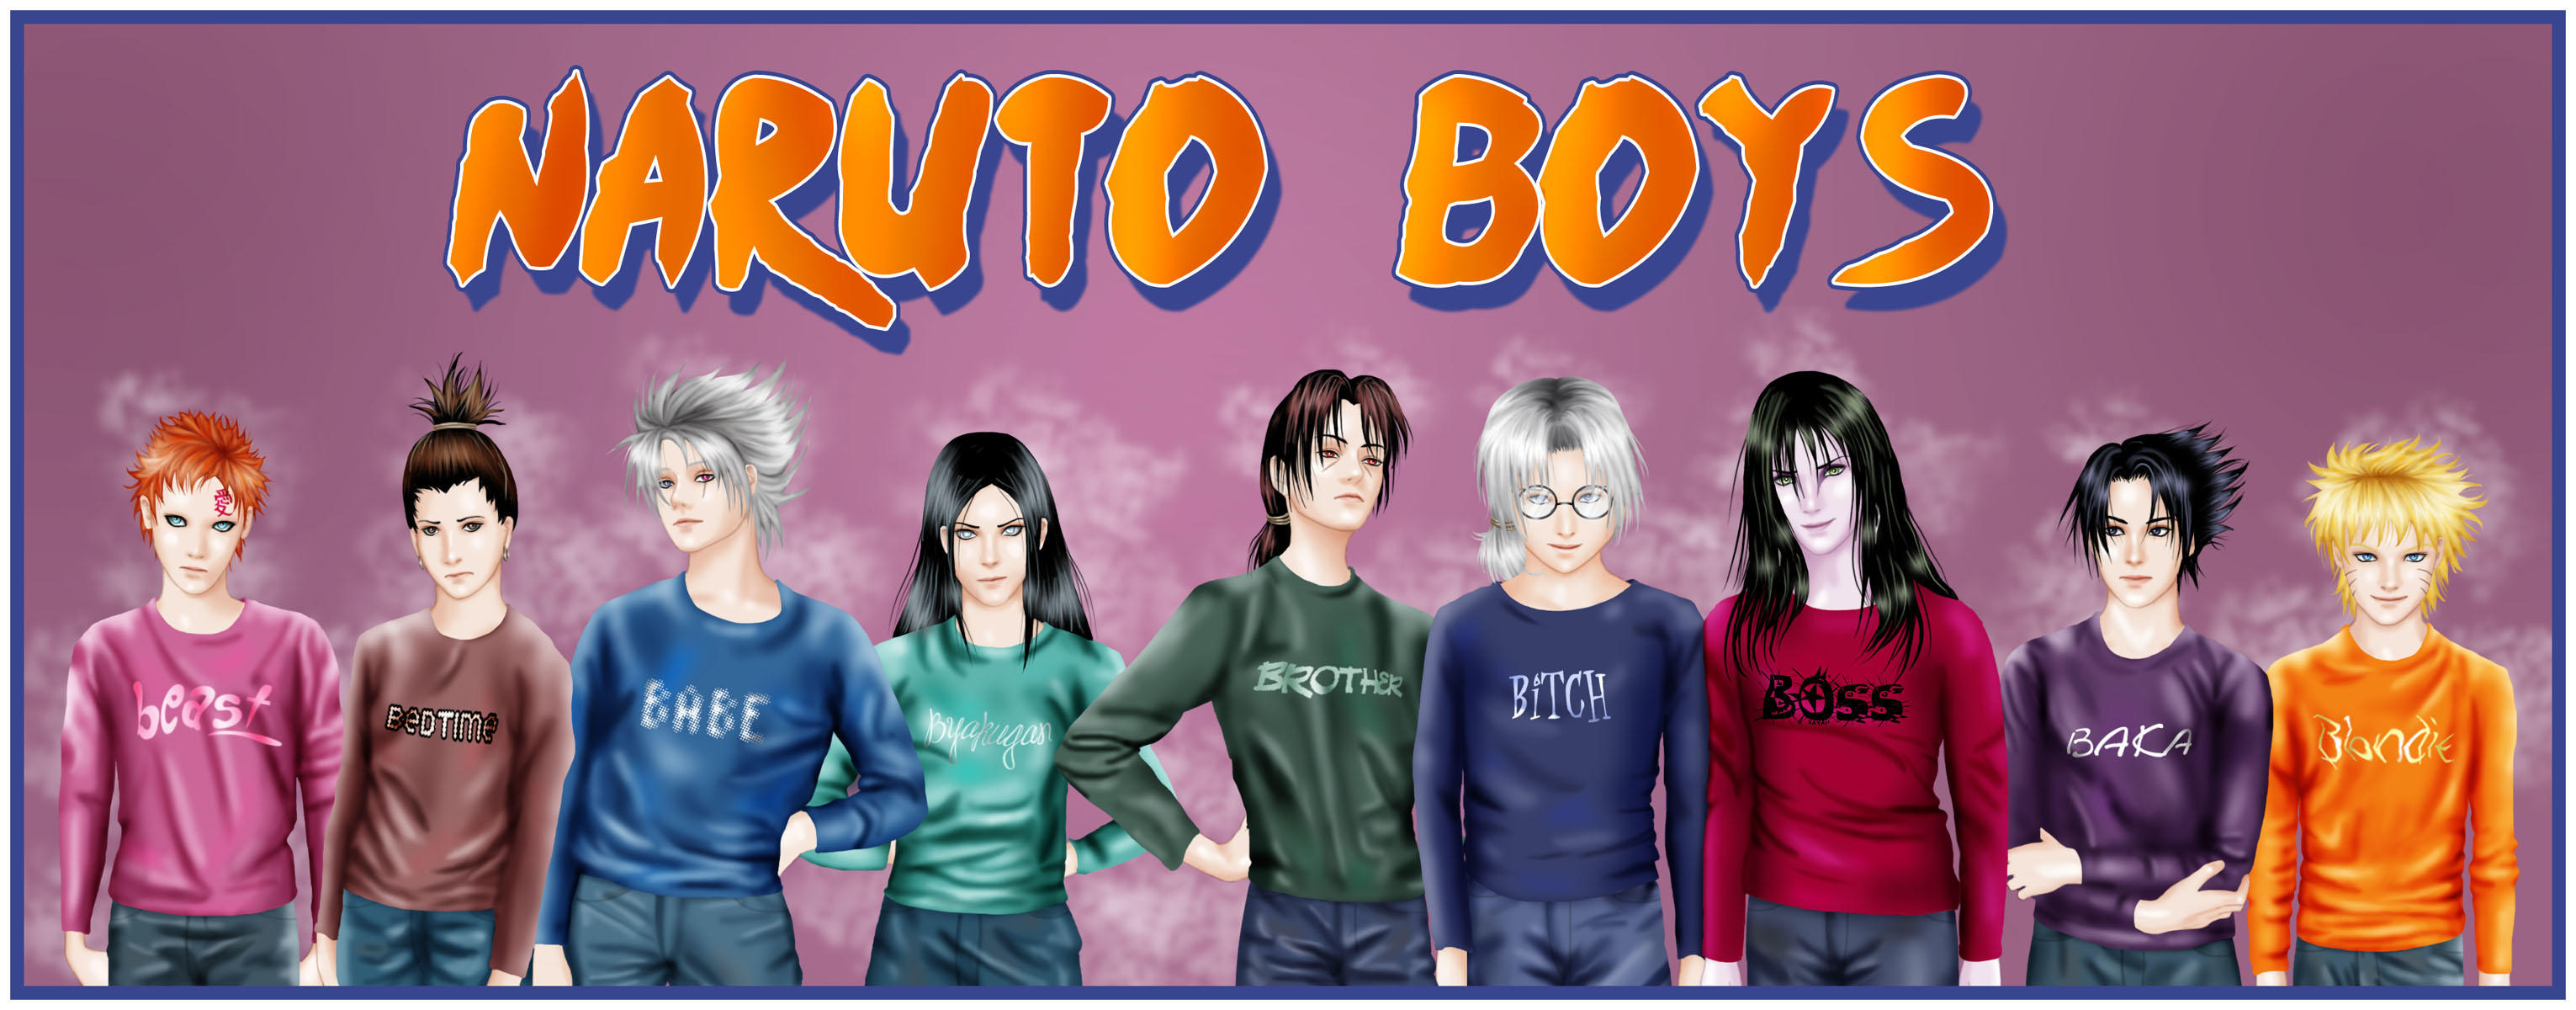 Naruto Boys